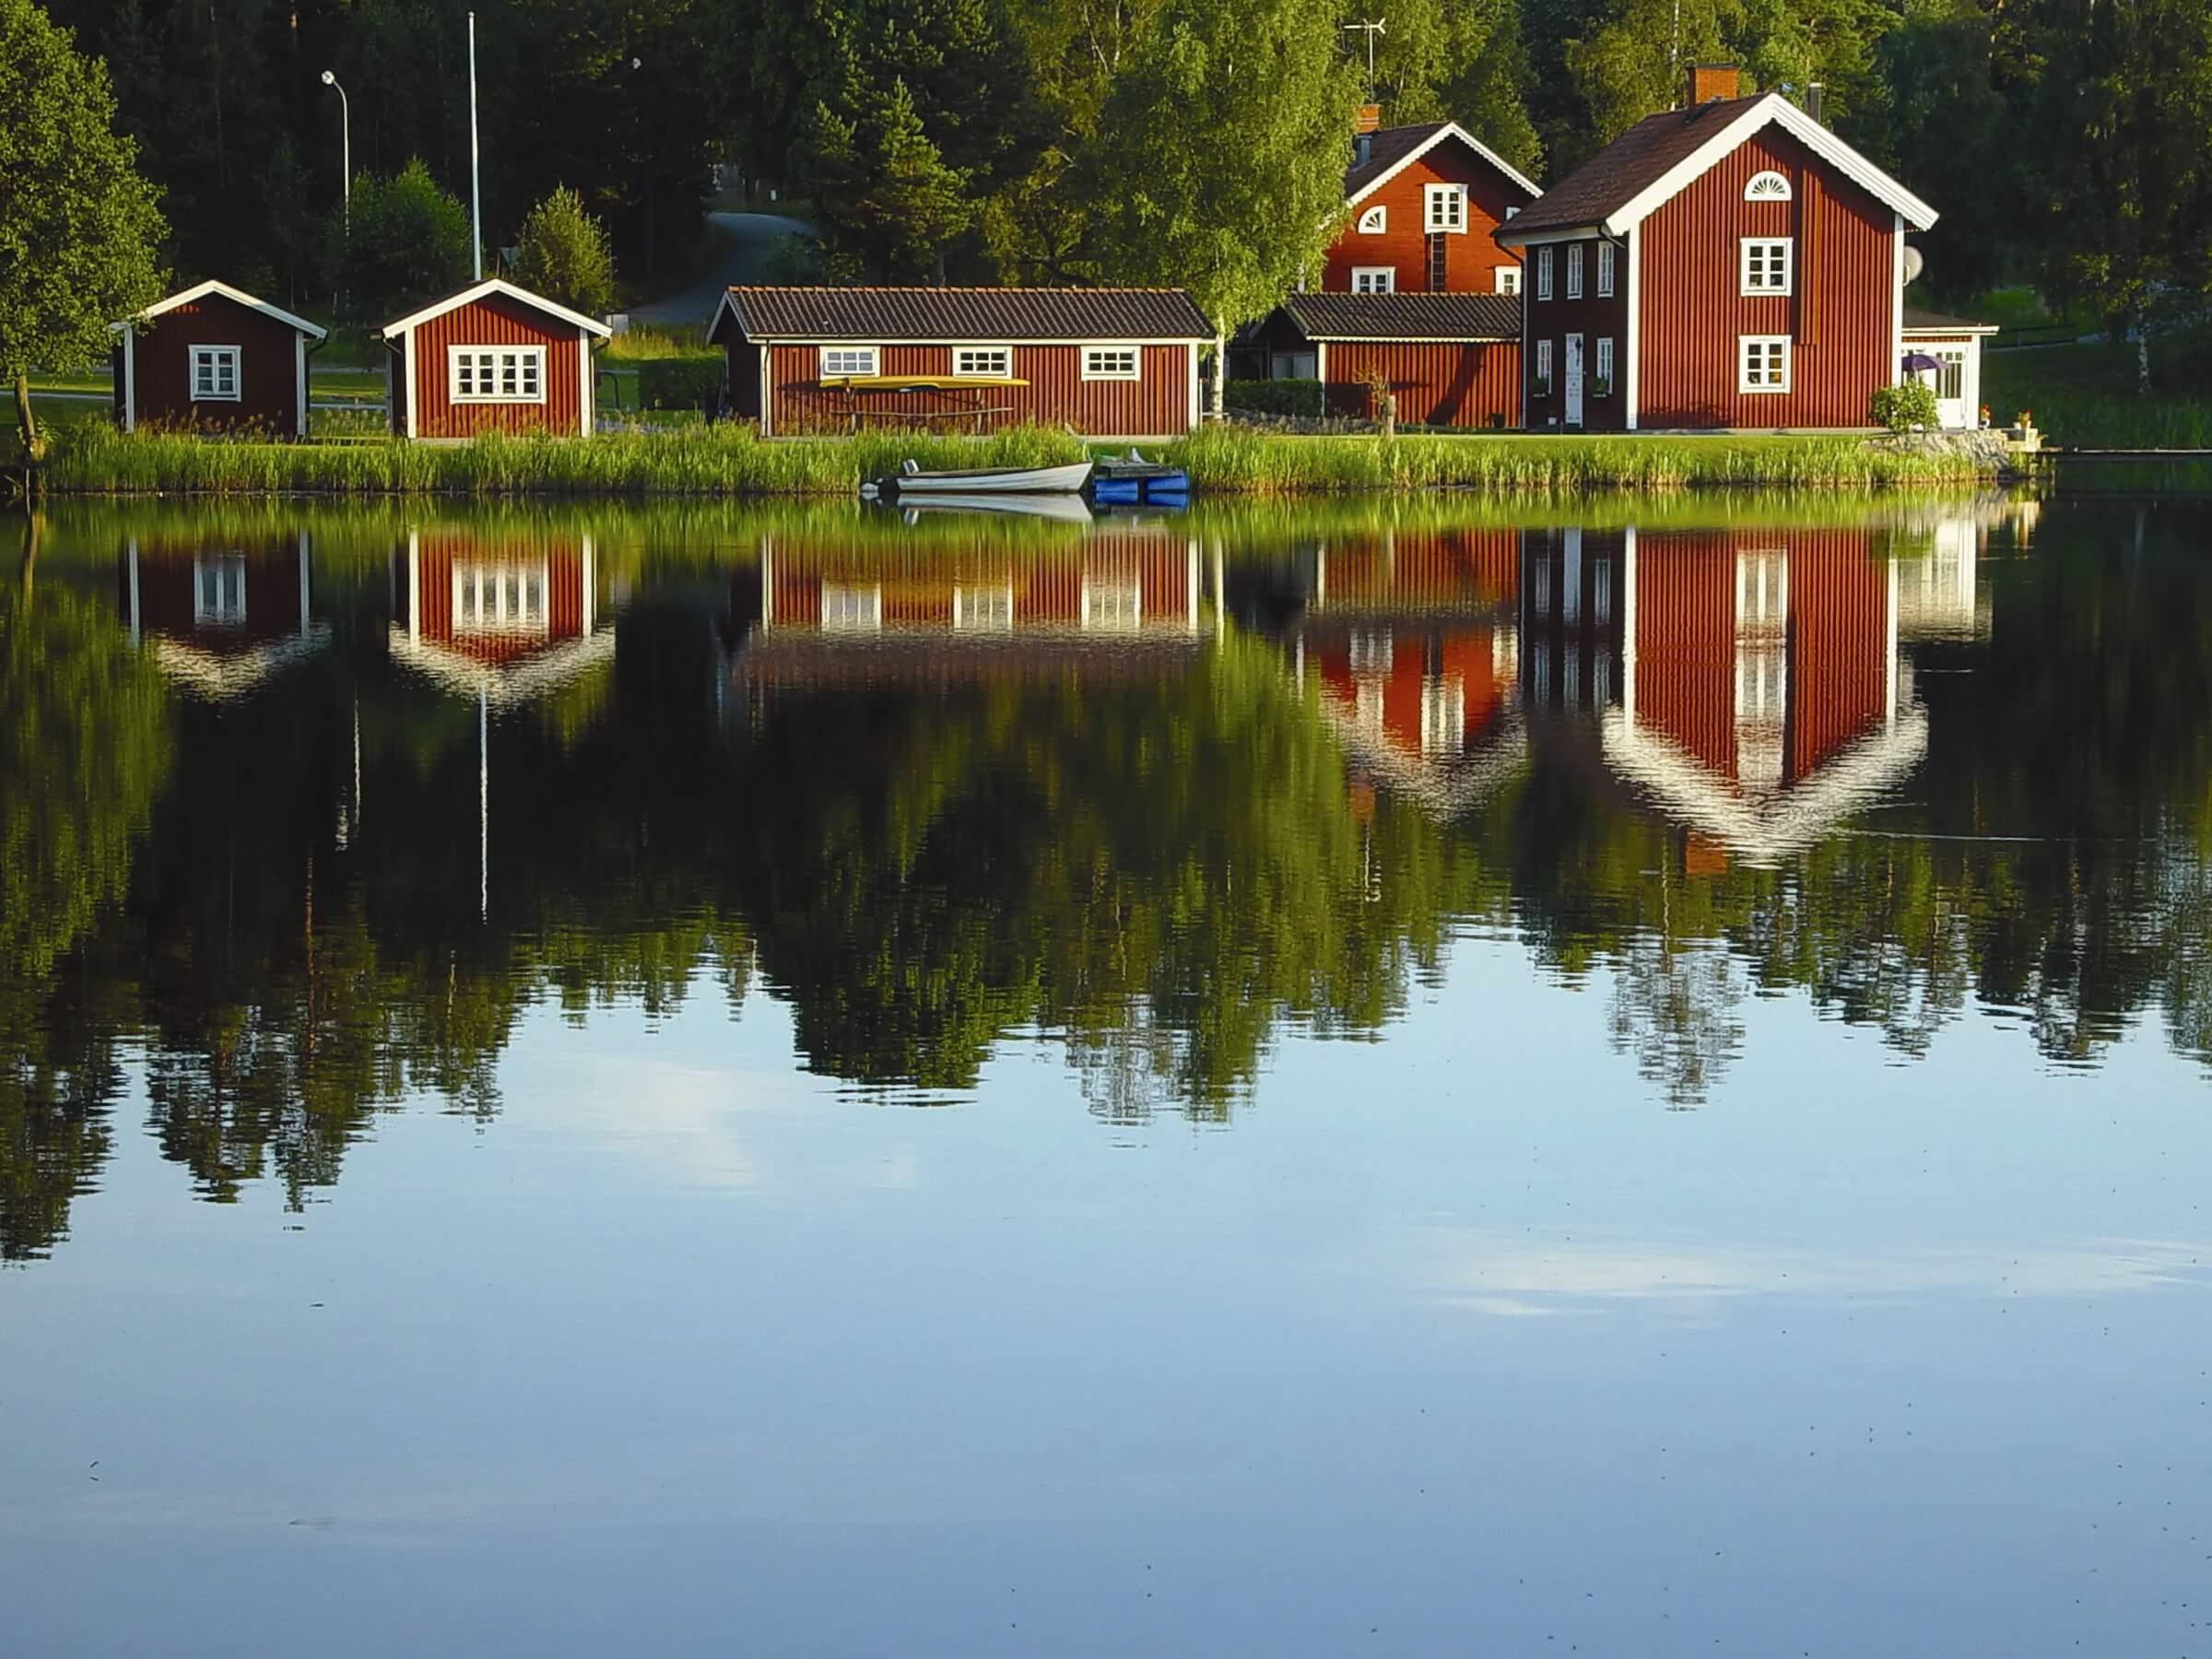 Fremragende Mat træmaling fra Sverige - Moose Färg Paint for wood, Swedish paint TK55